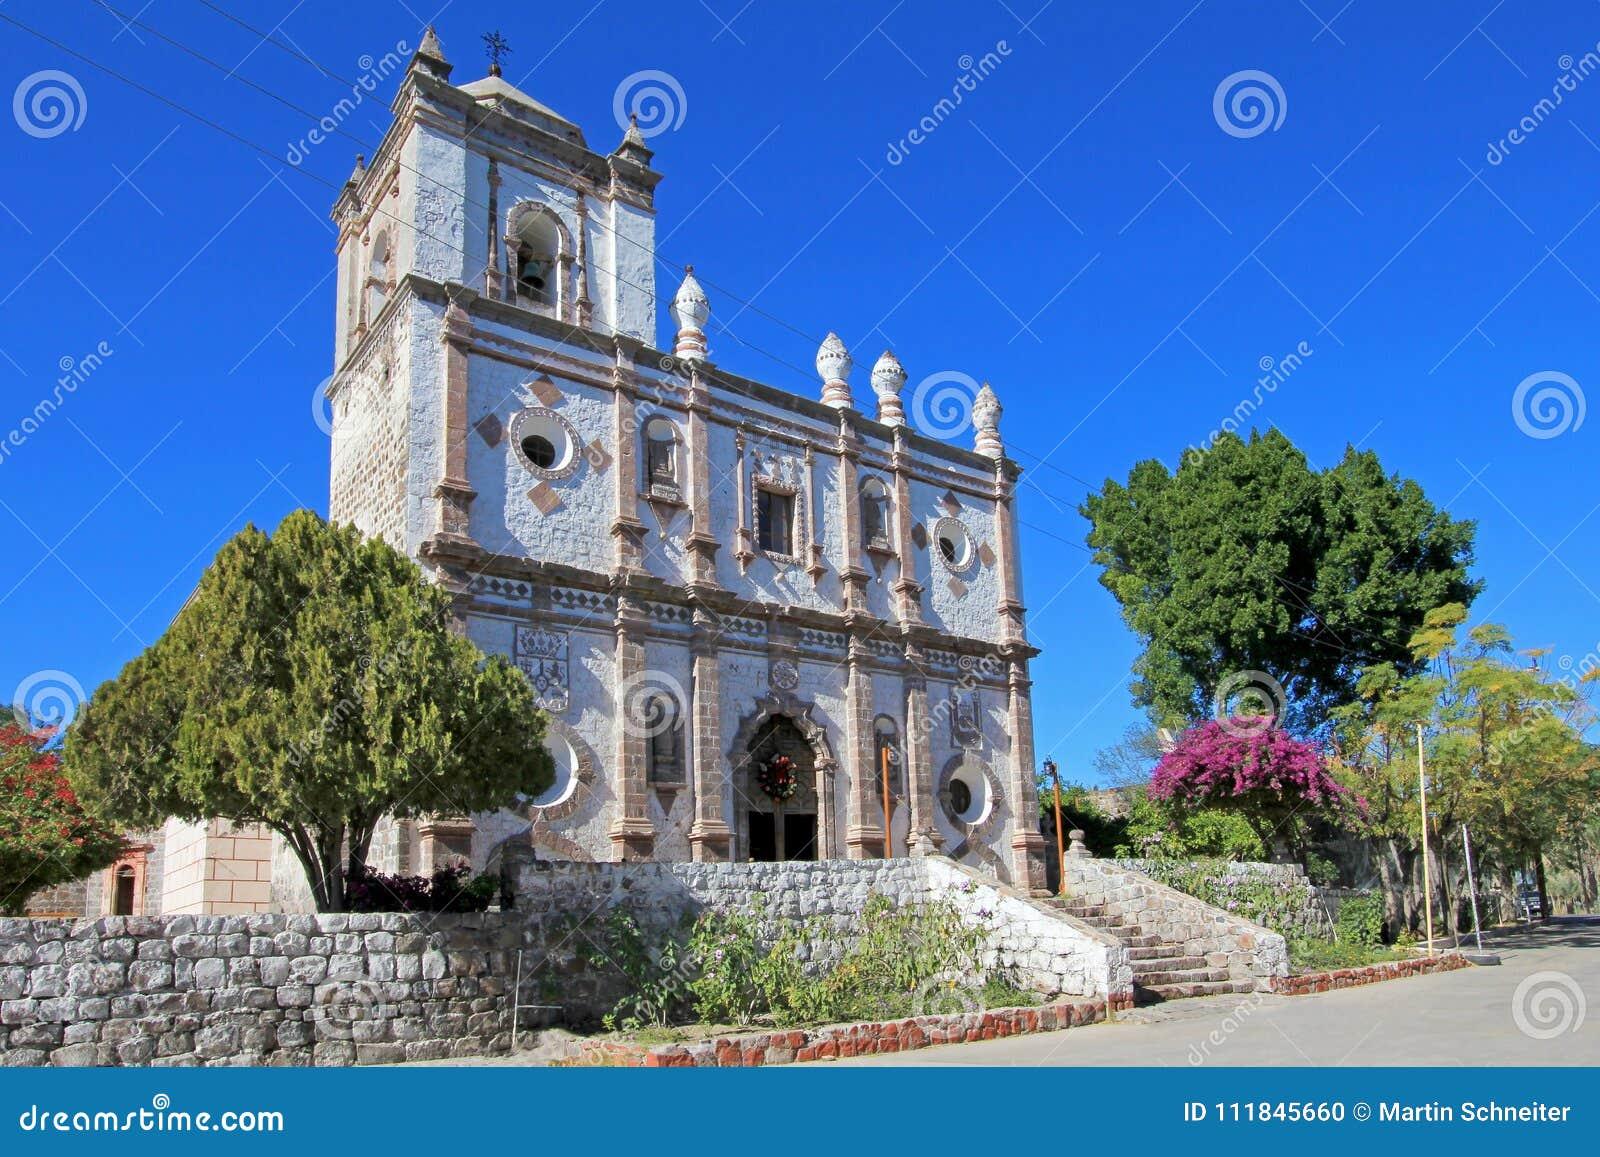 老方济会教会, Mision圣伊格纳西奥Kadakaaman,在圣伊格纳西奥,下加利福尼亚州,墨西哥